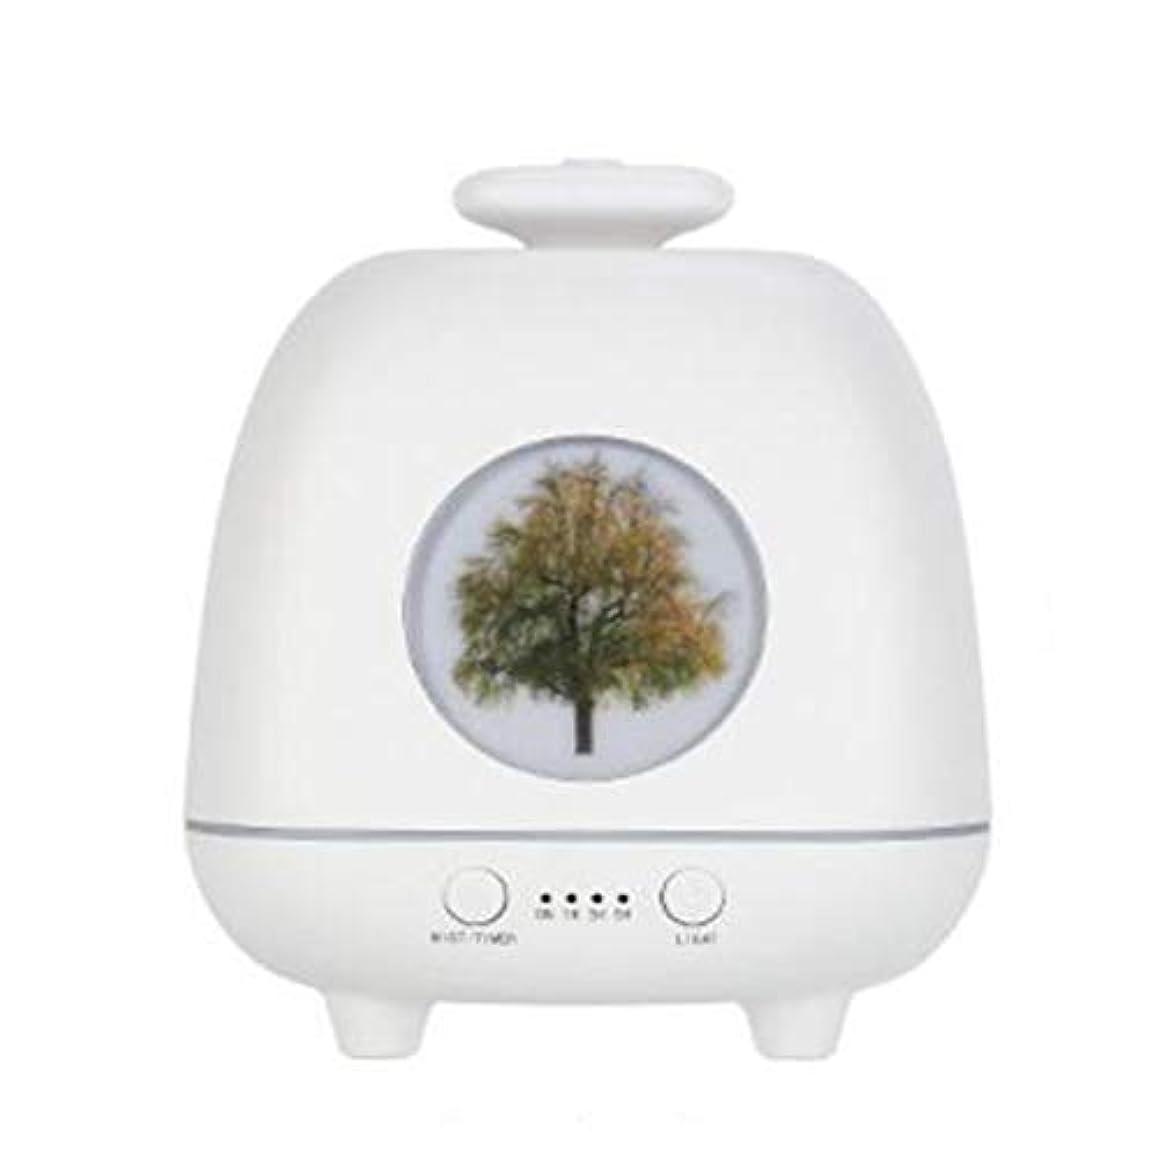 窒素ええ変わる涼しい霧 香り 精油 ディフューザー,7 色 空気を浄化 4穴ノズル 加湿器 時間 加湿機 ホーム Yoga デスク オフィス ベッド- 230ml